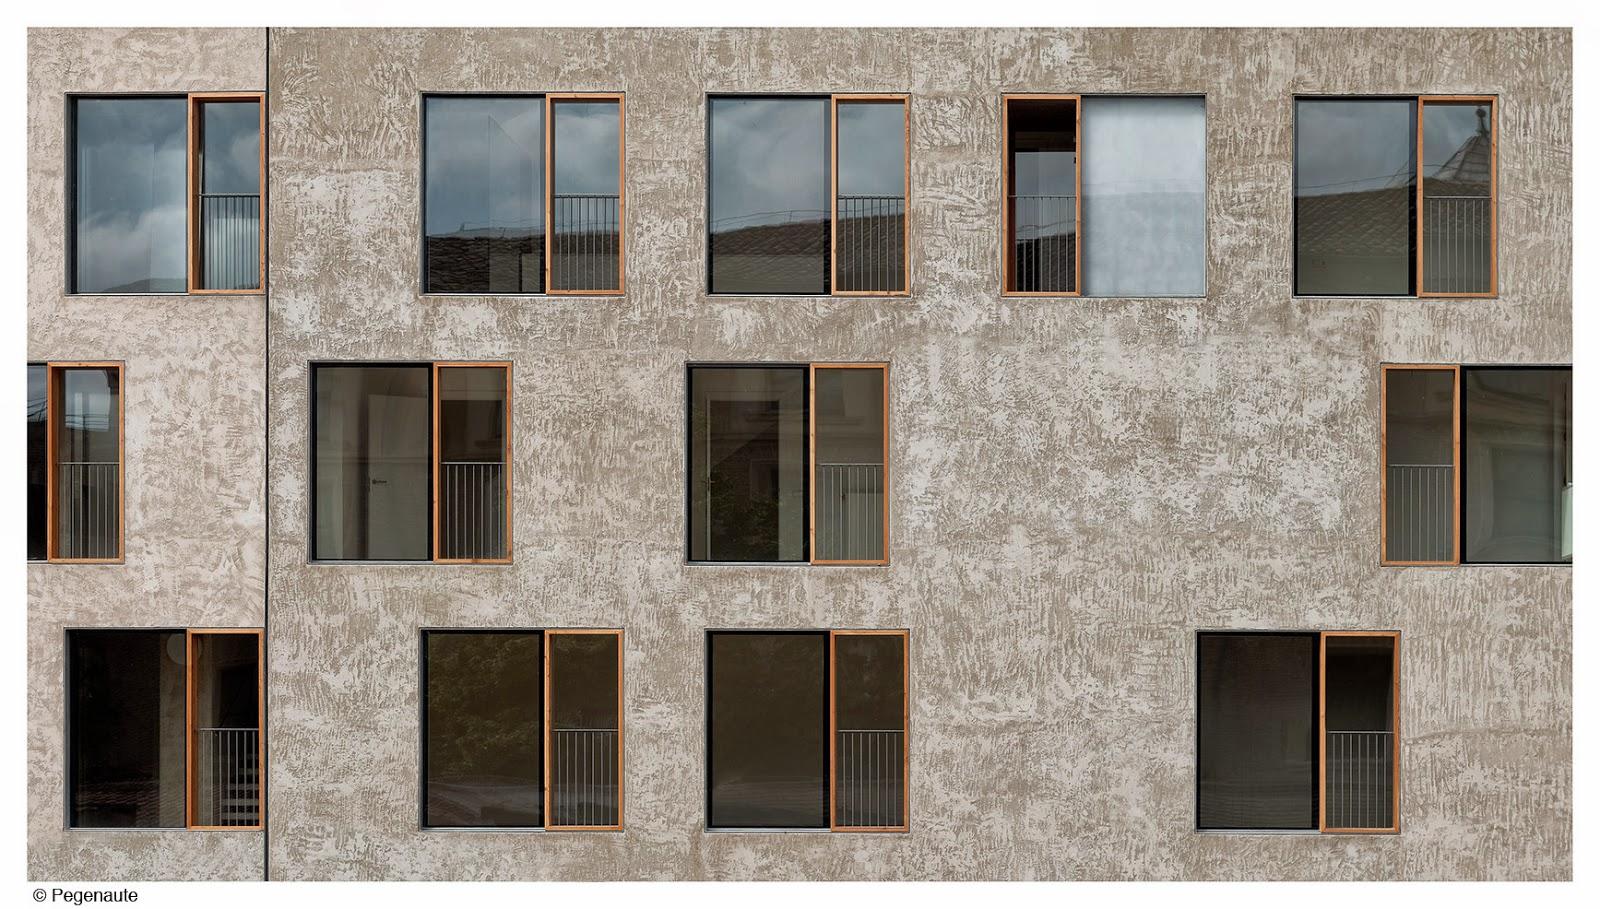 Arquitectura zona cero edificio de viviendas para realojos en el casco hist rico de pamplona de - Arquitectos en pamplona ...